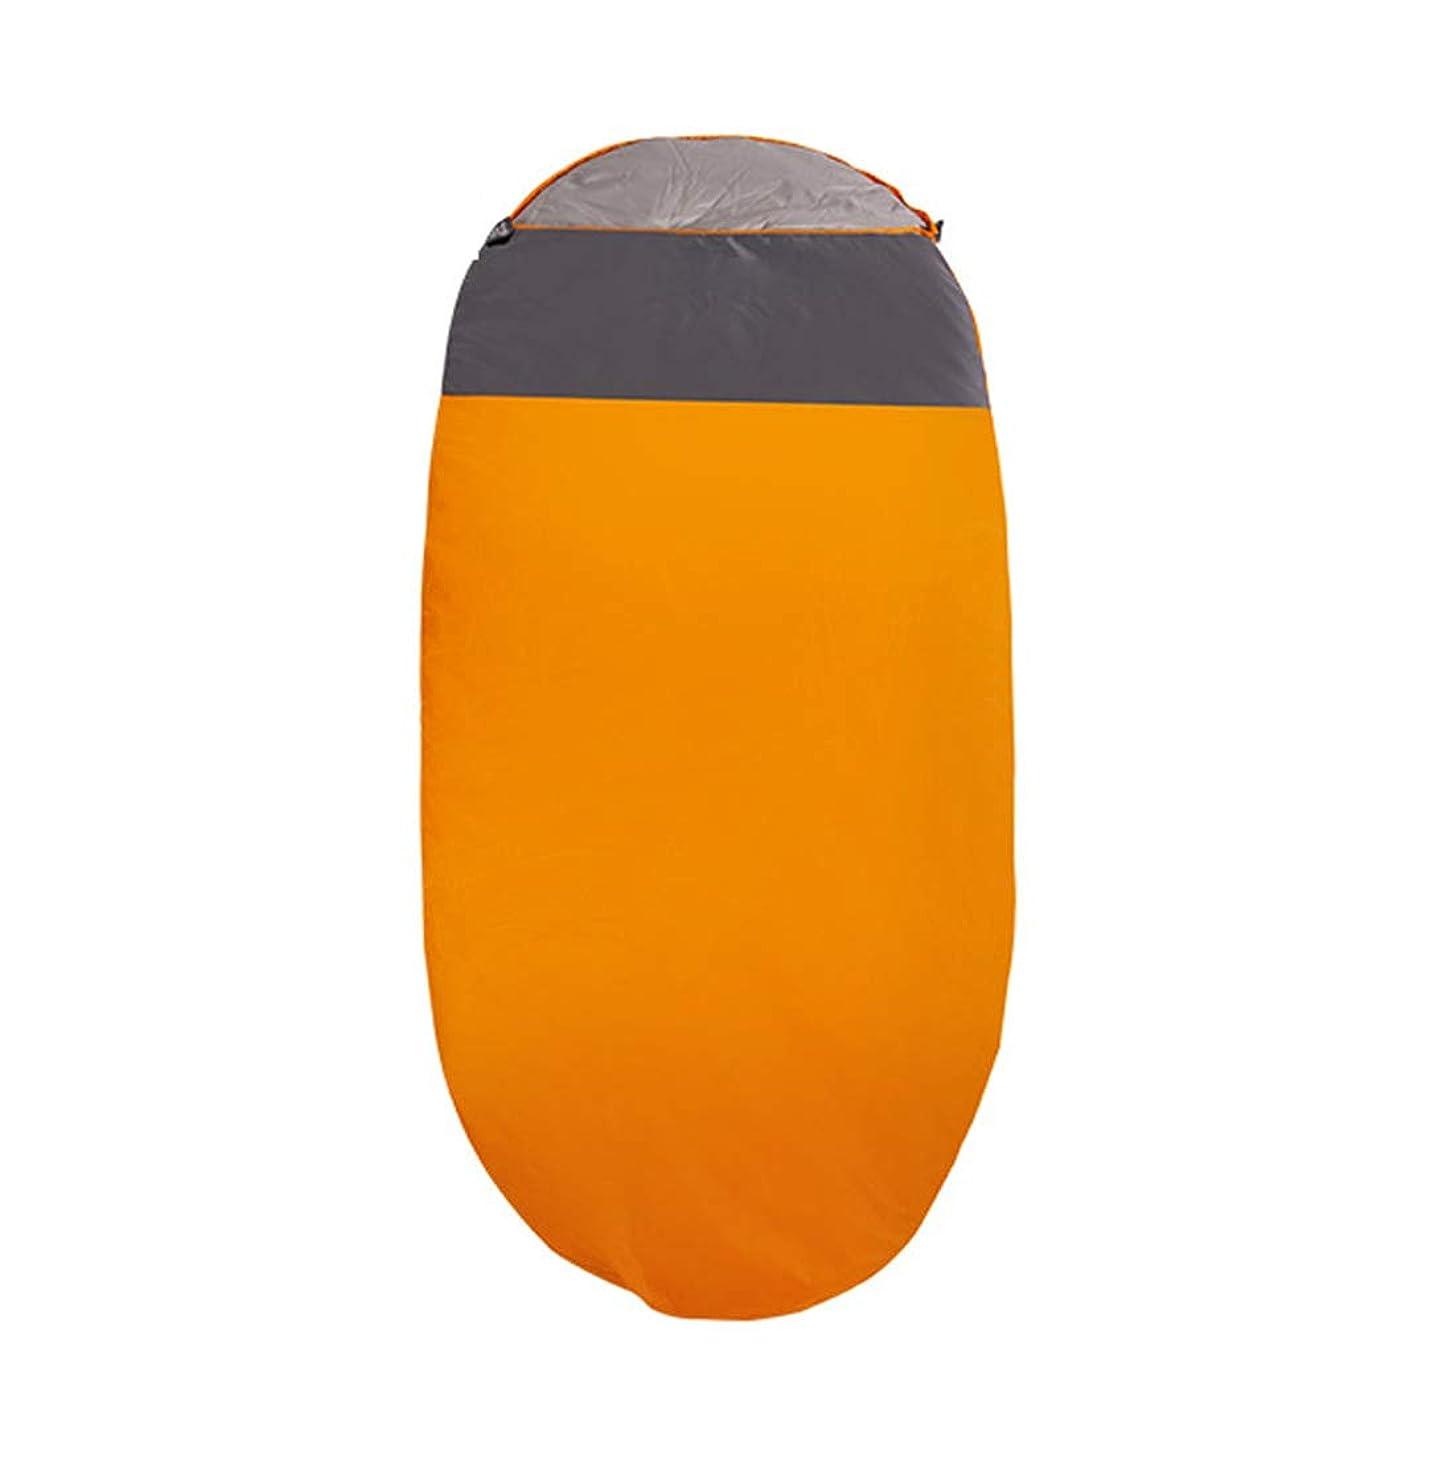 悪性腫瘍に頼る炭水化物(フェイスコジー) Facecozy 寝袋 ホテル用 地震対策 防災用品 持ち運び簡単 防菌 肌触り良い 大きいサイズ アウトドア キャンプ 防水 防災用